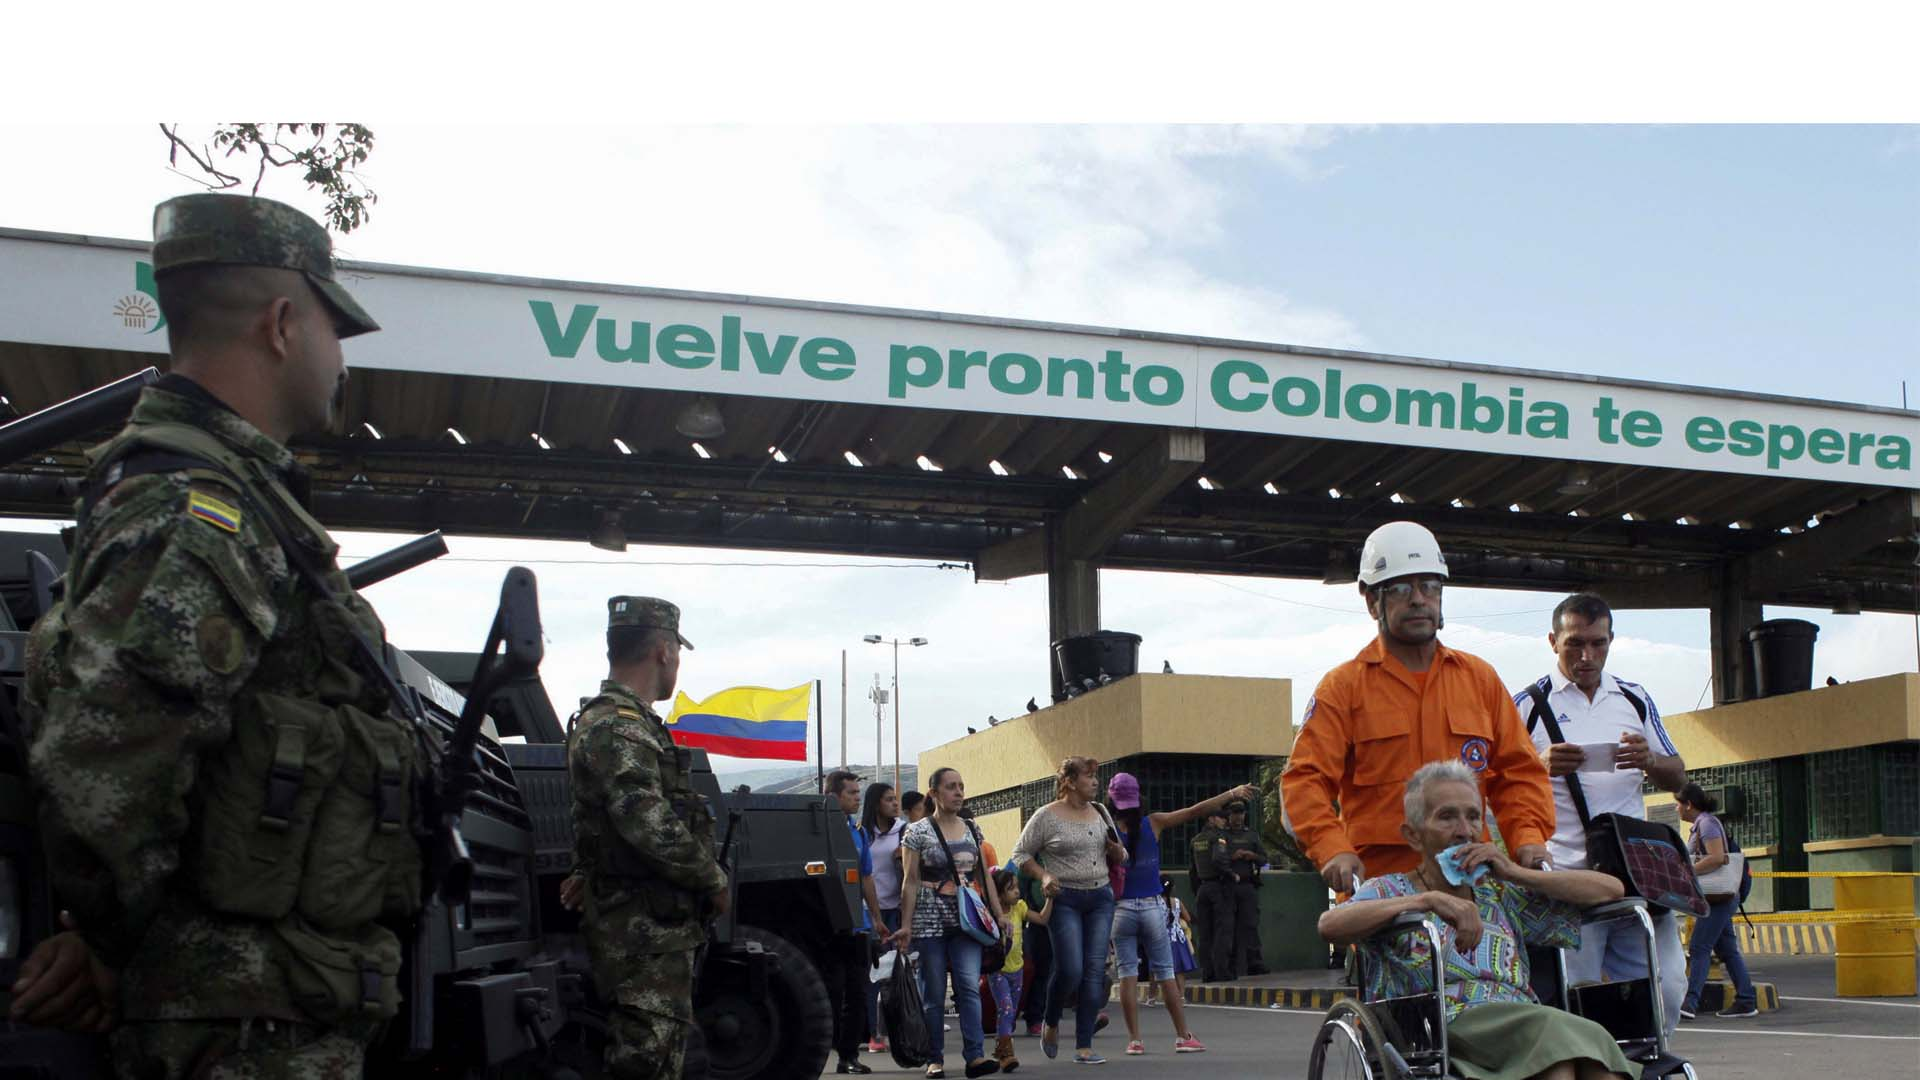 La reactivación del paso fronterizo se ejecutará de forma gradual para que los ciudadanos puedan abastecerse en Cúcuta y otras regiones